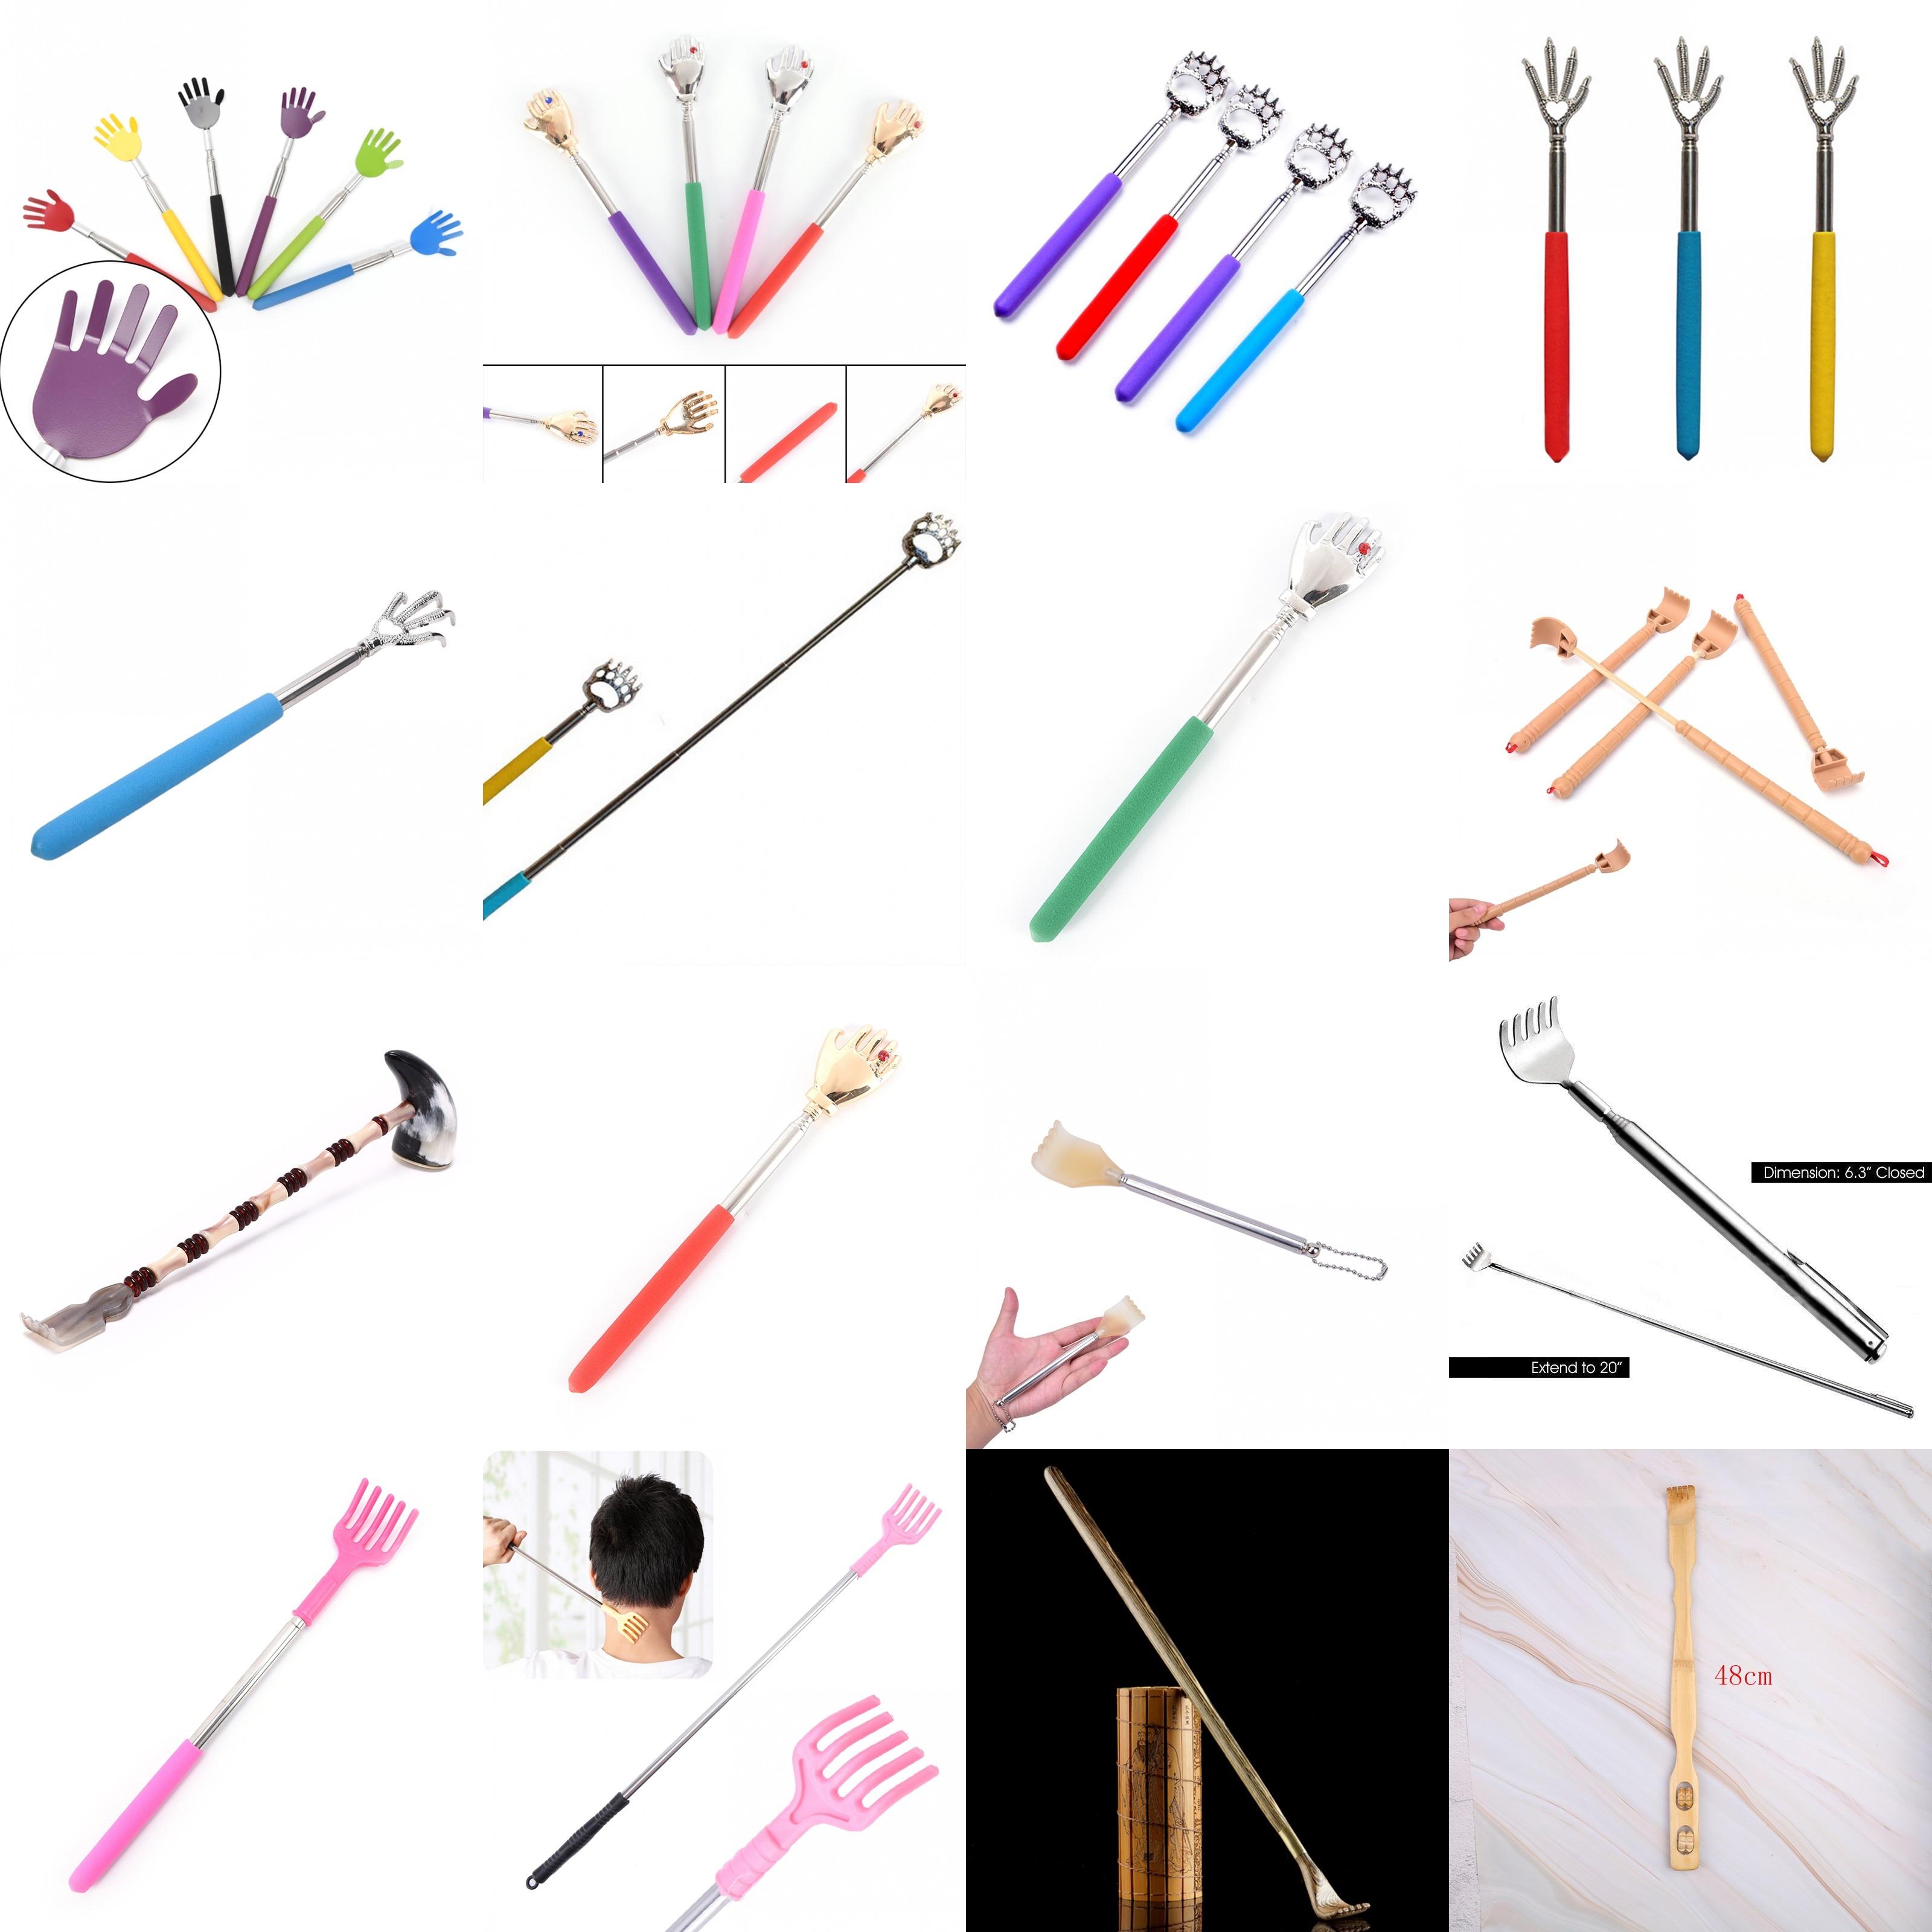 Práctico y práctico Clip de bolígrafo de acero inoxidable, rascador de espalda, Kit de masaje de arañazos telescópico, rascador de espalda, rascador, masajeador